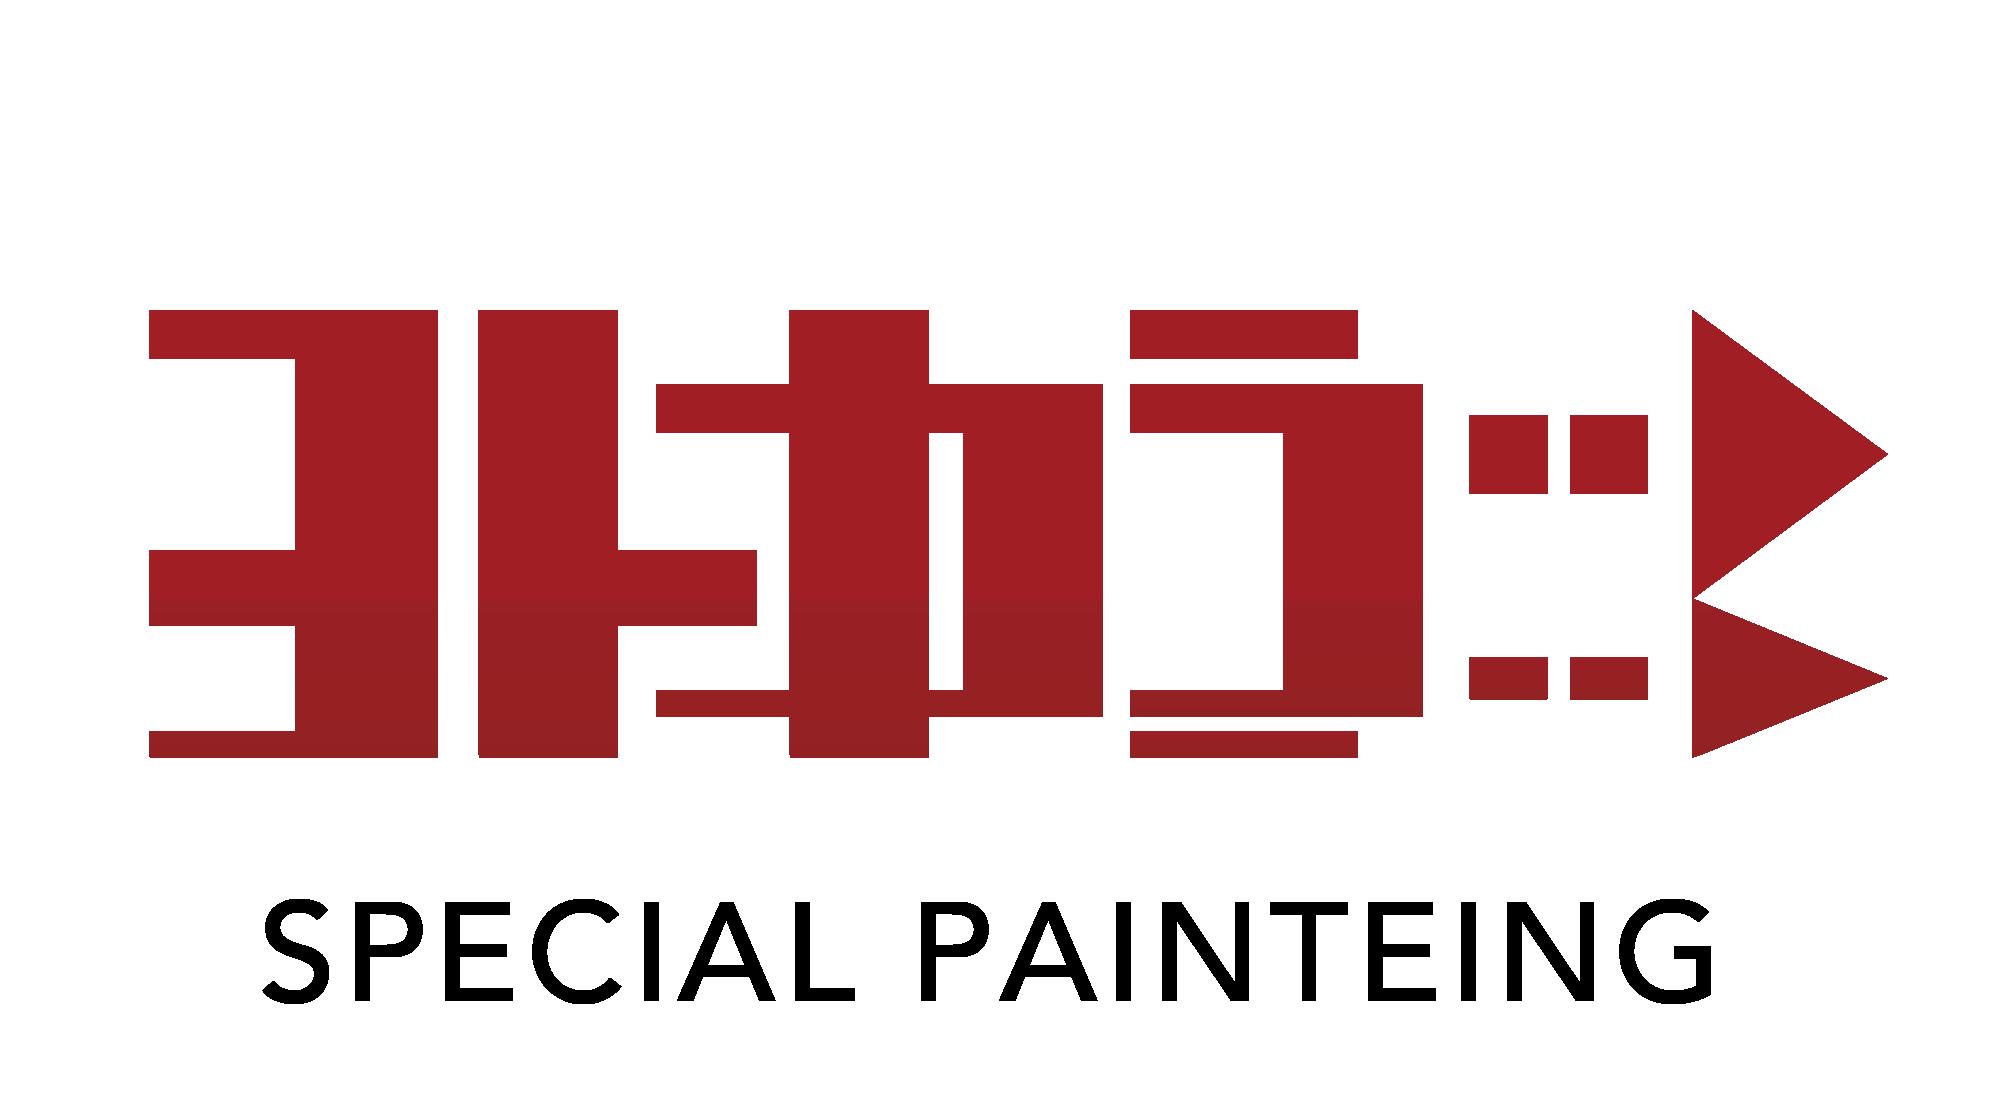 大分県日田市の外壁や屋根塗装・一戸建て住宅の事なら新和リファイン株式会社の特殊塗装事業部